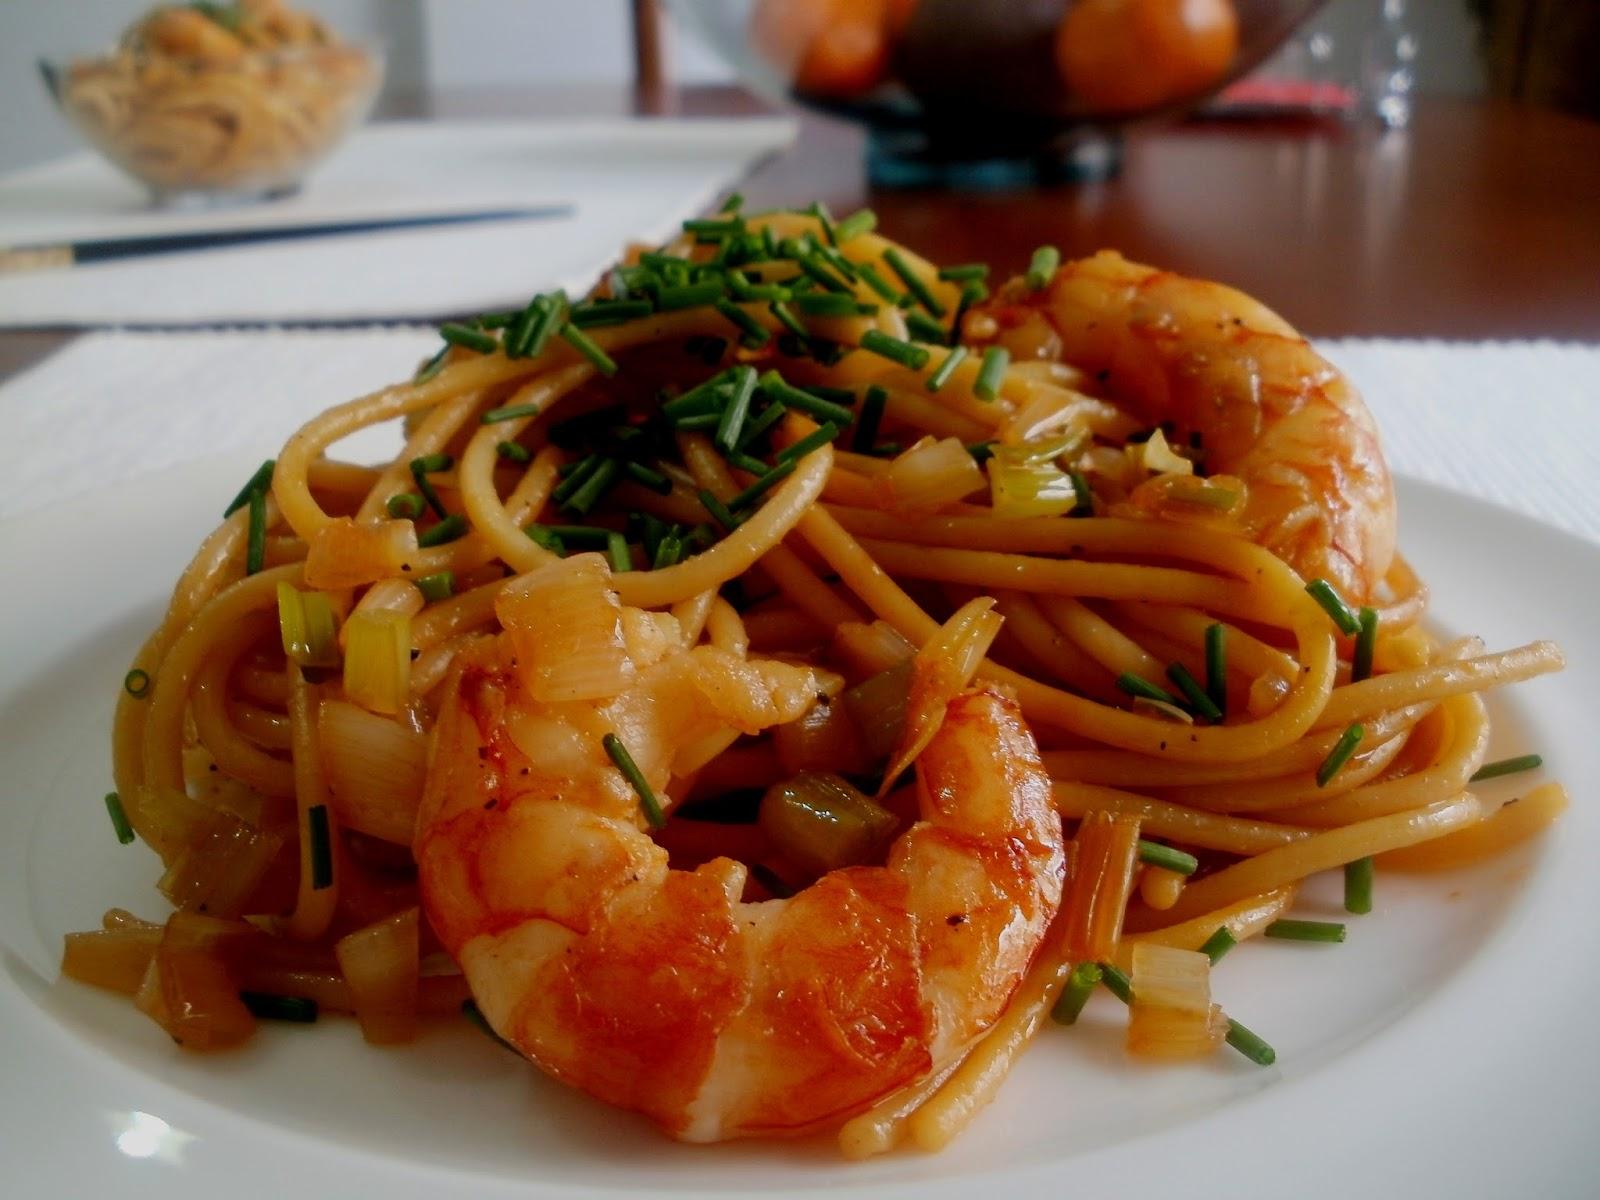 Los antojos de clara 2015 - Espaguetis con gambas y champinones ...